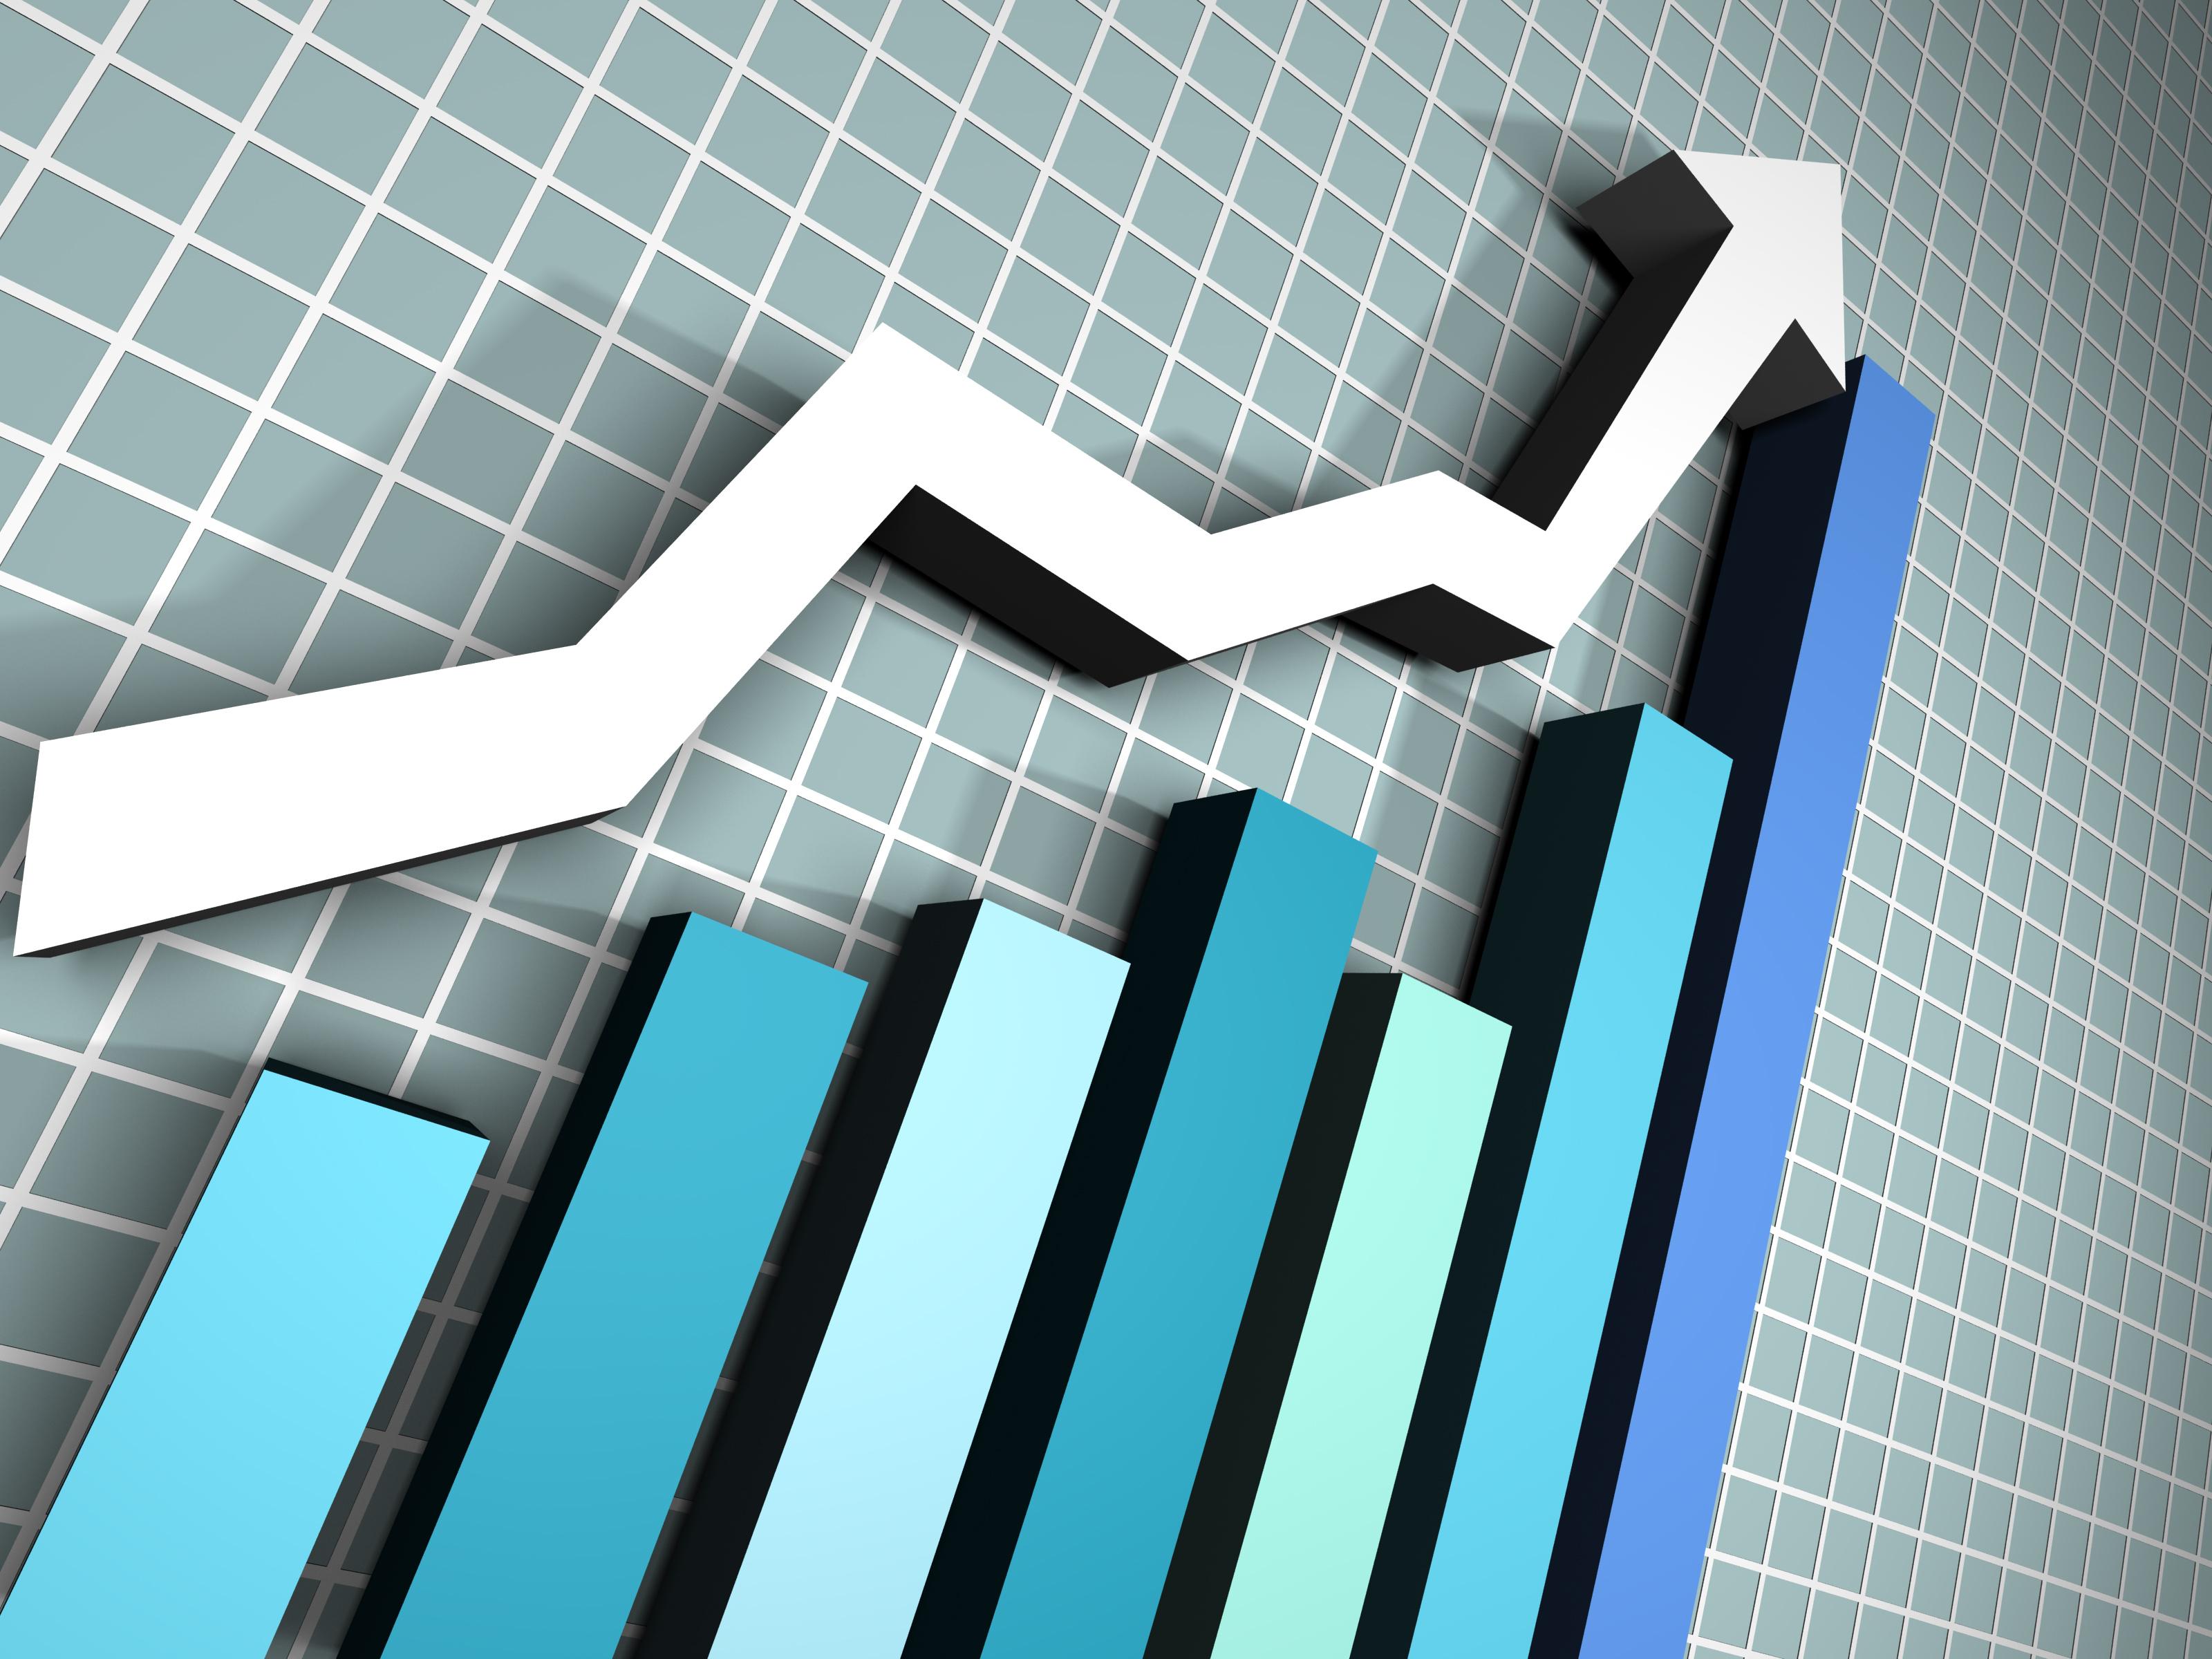 A chart line going up over a bar graph.